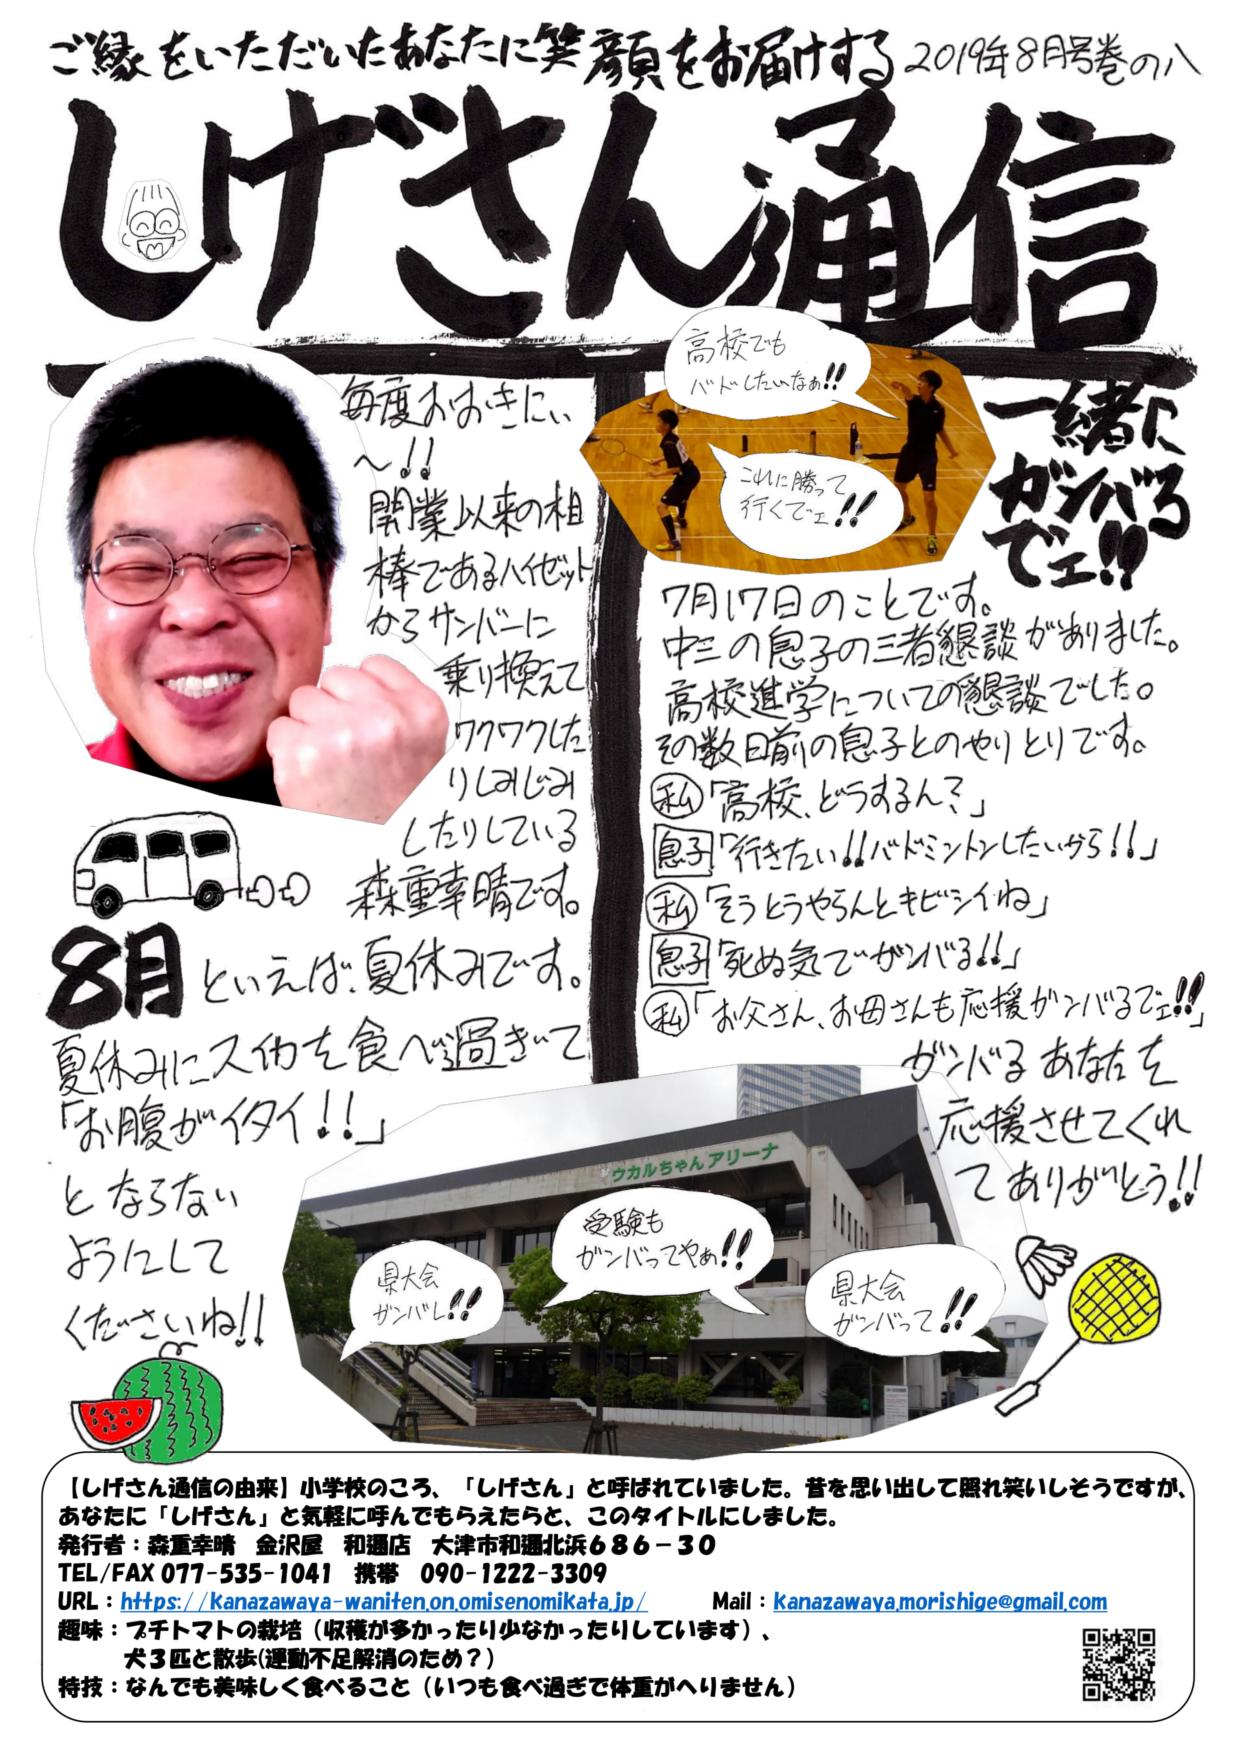 『しげさん通信』2019年8月号 巻の八